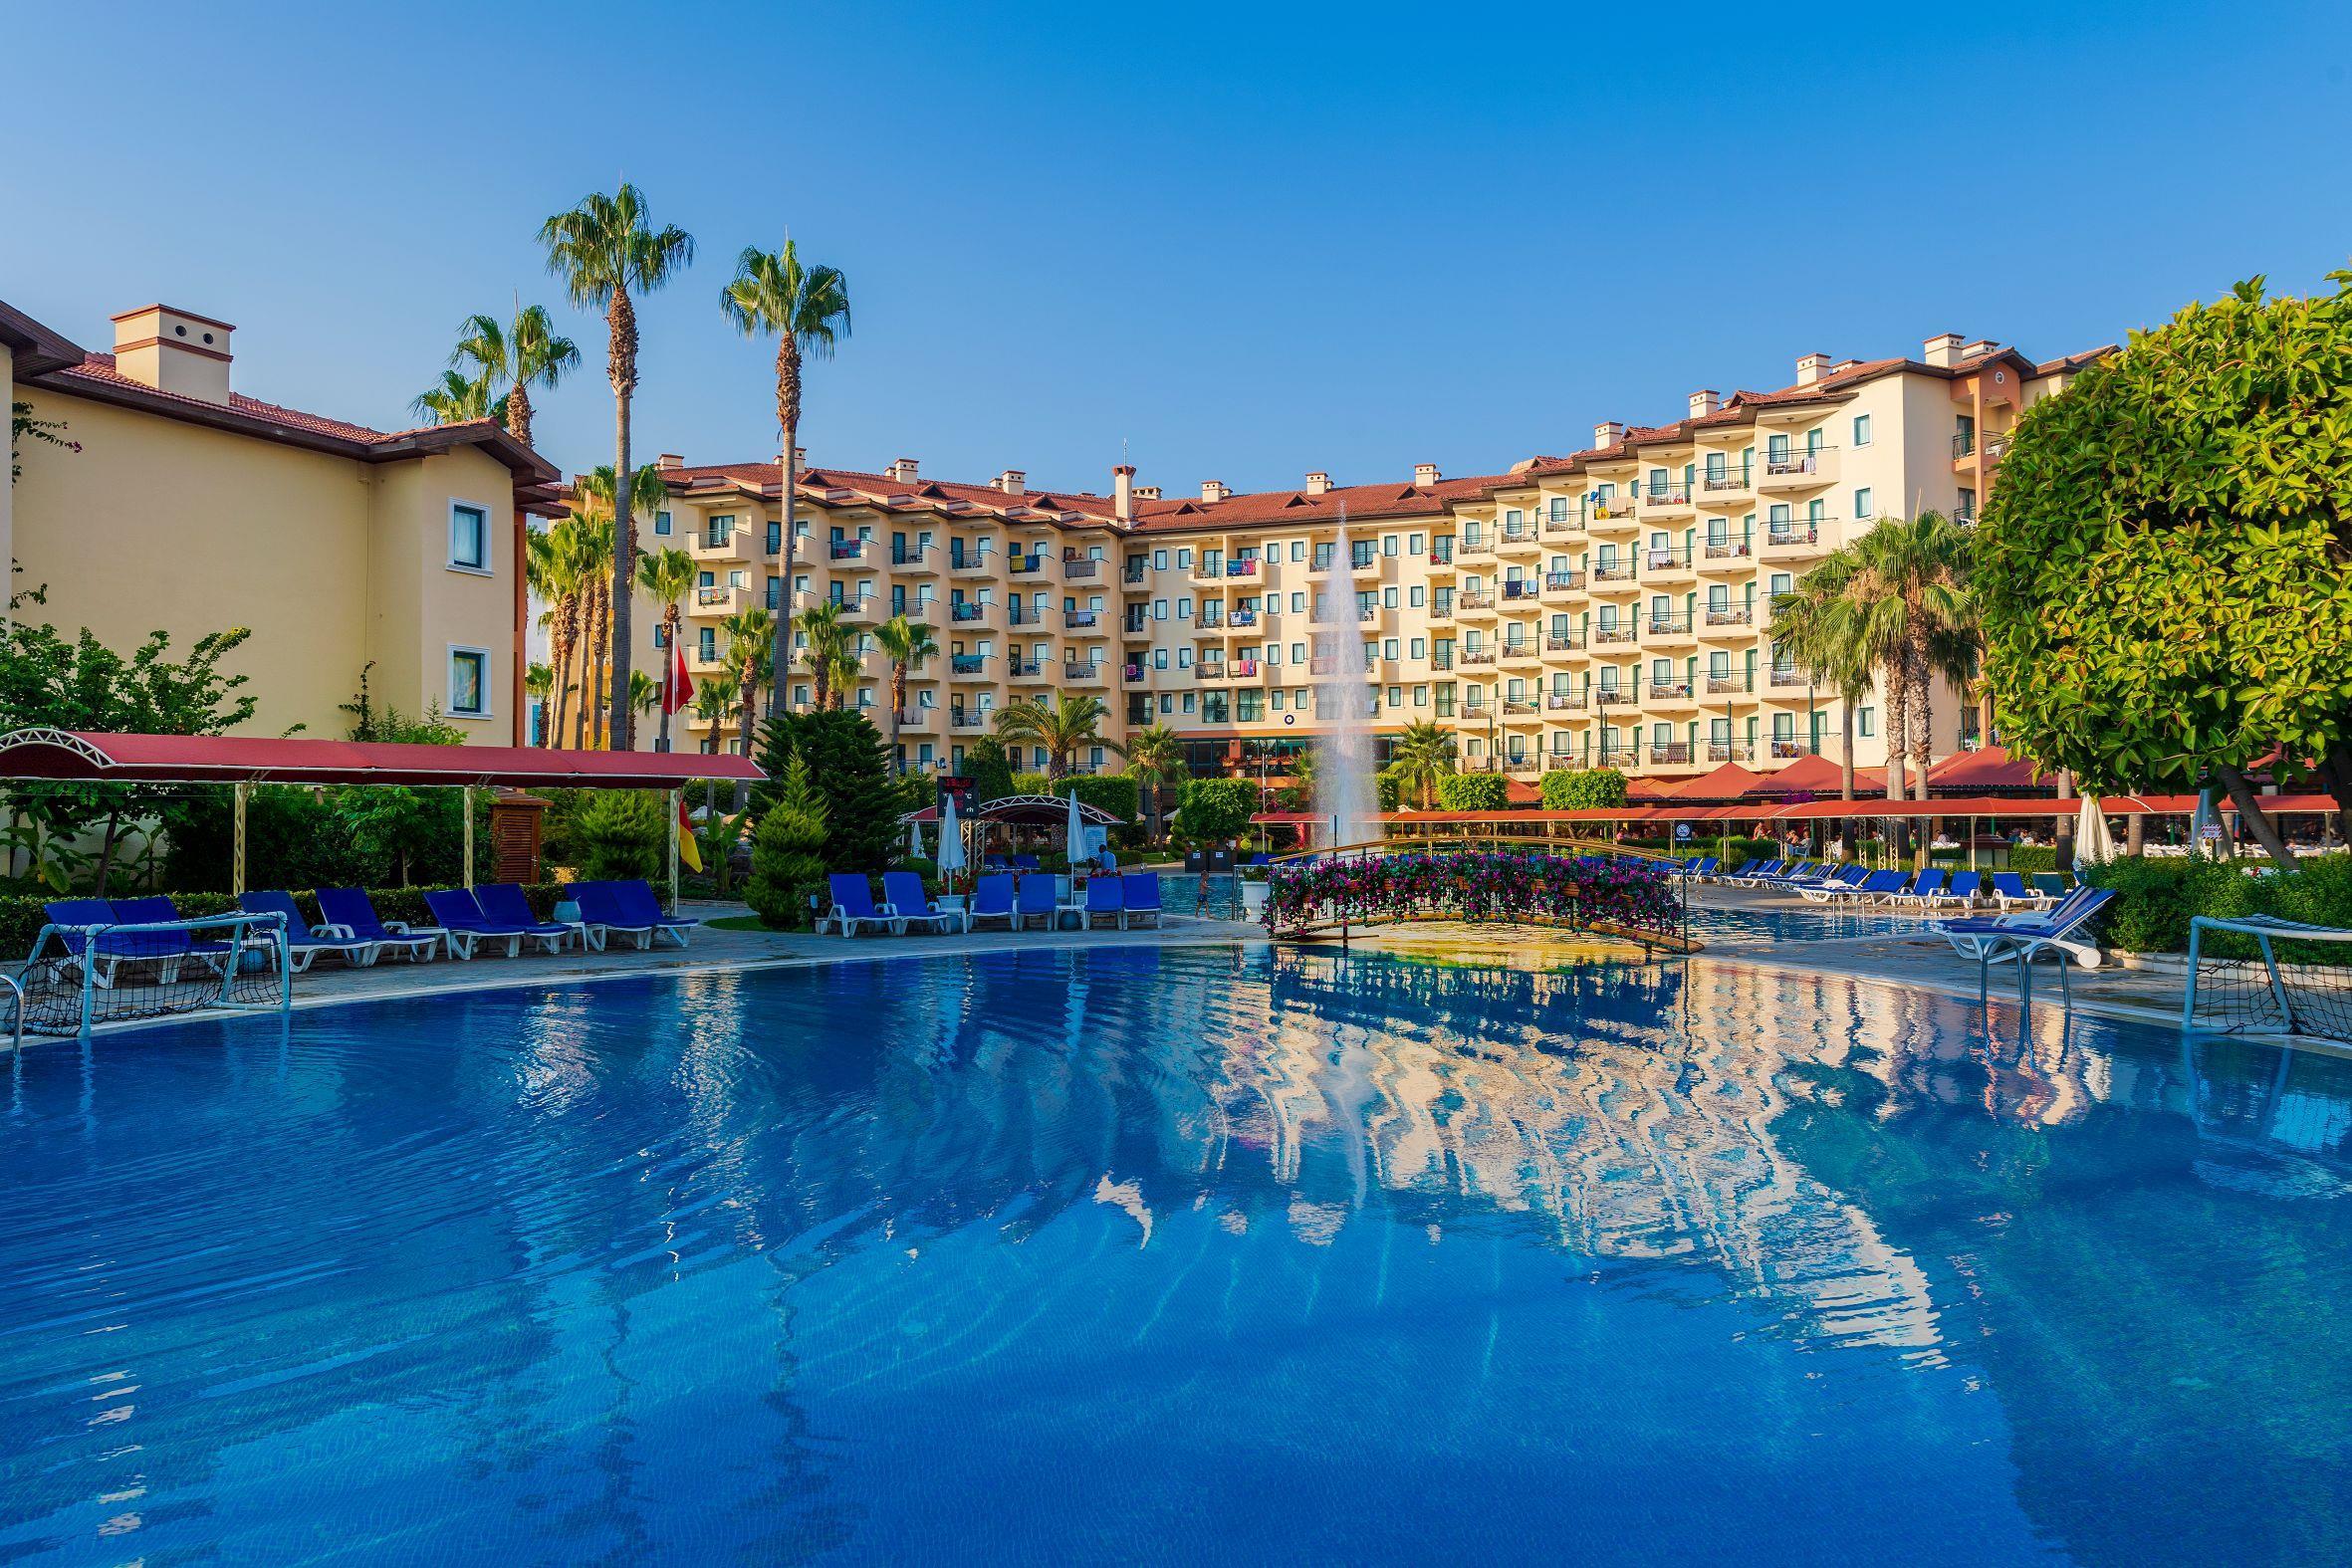 http://www.orextravel.sk/OREX/hotelphotos/miramare-queen-hotel-general-0049.jpg